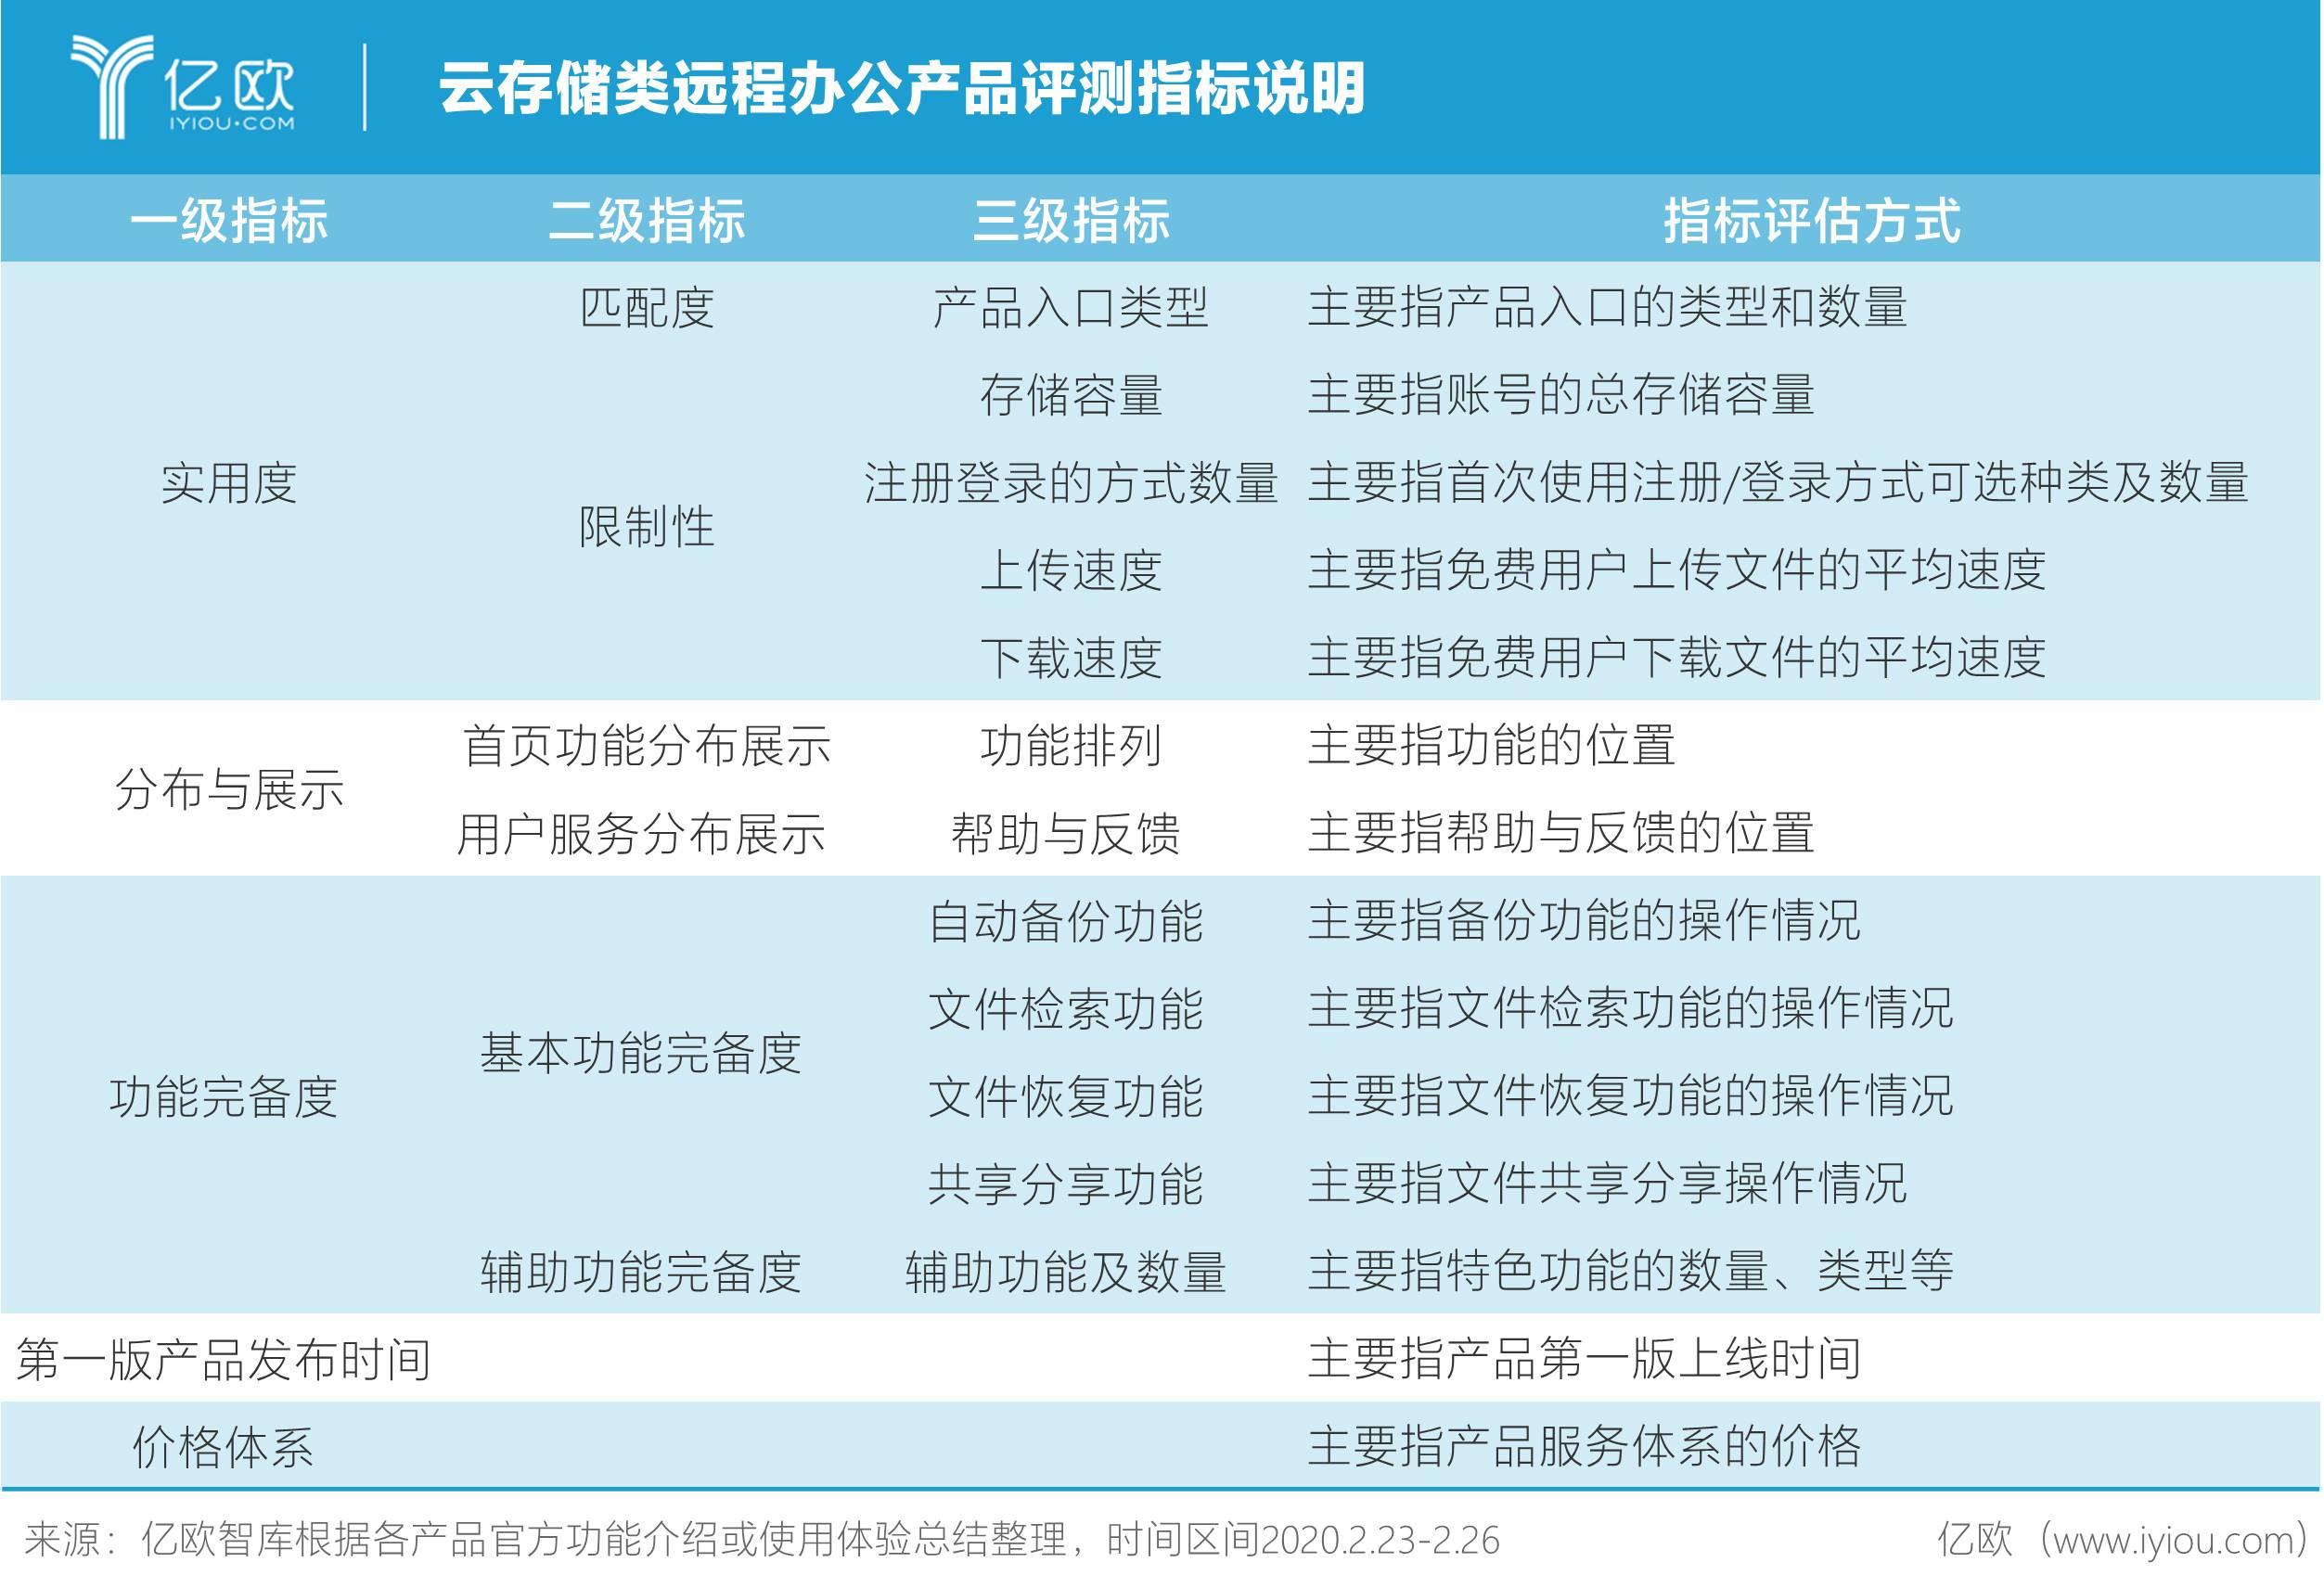 云存储类远程办公产品评测指标说明.jpg